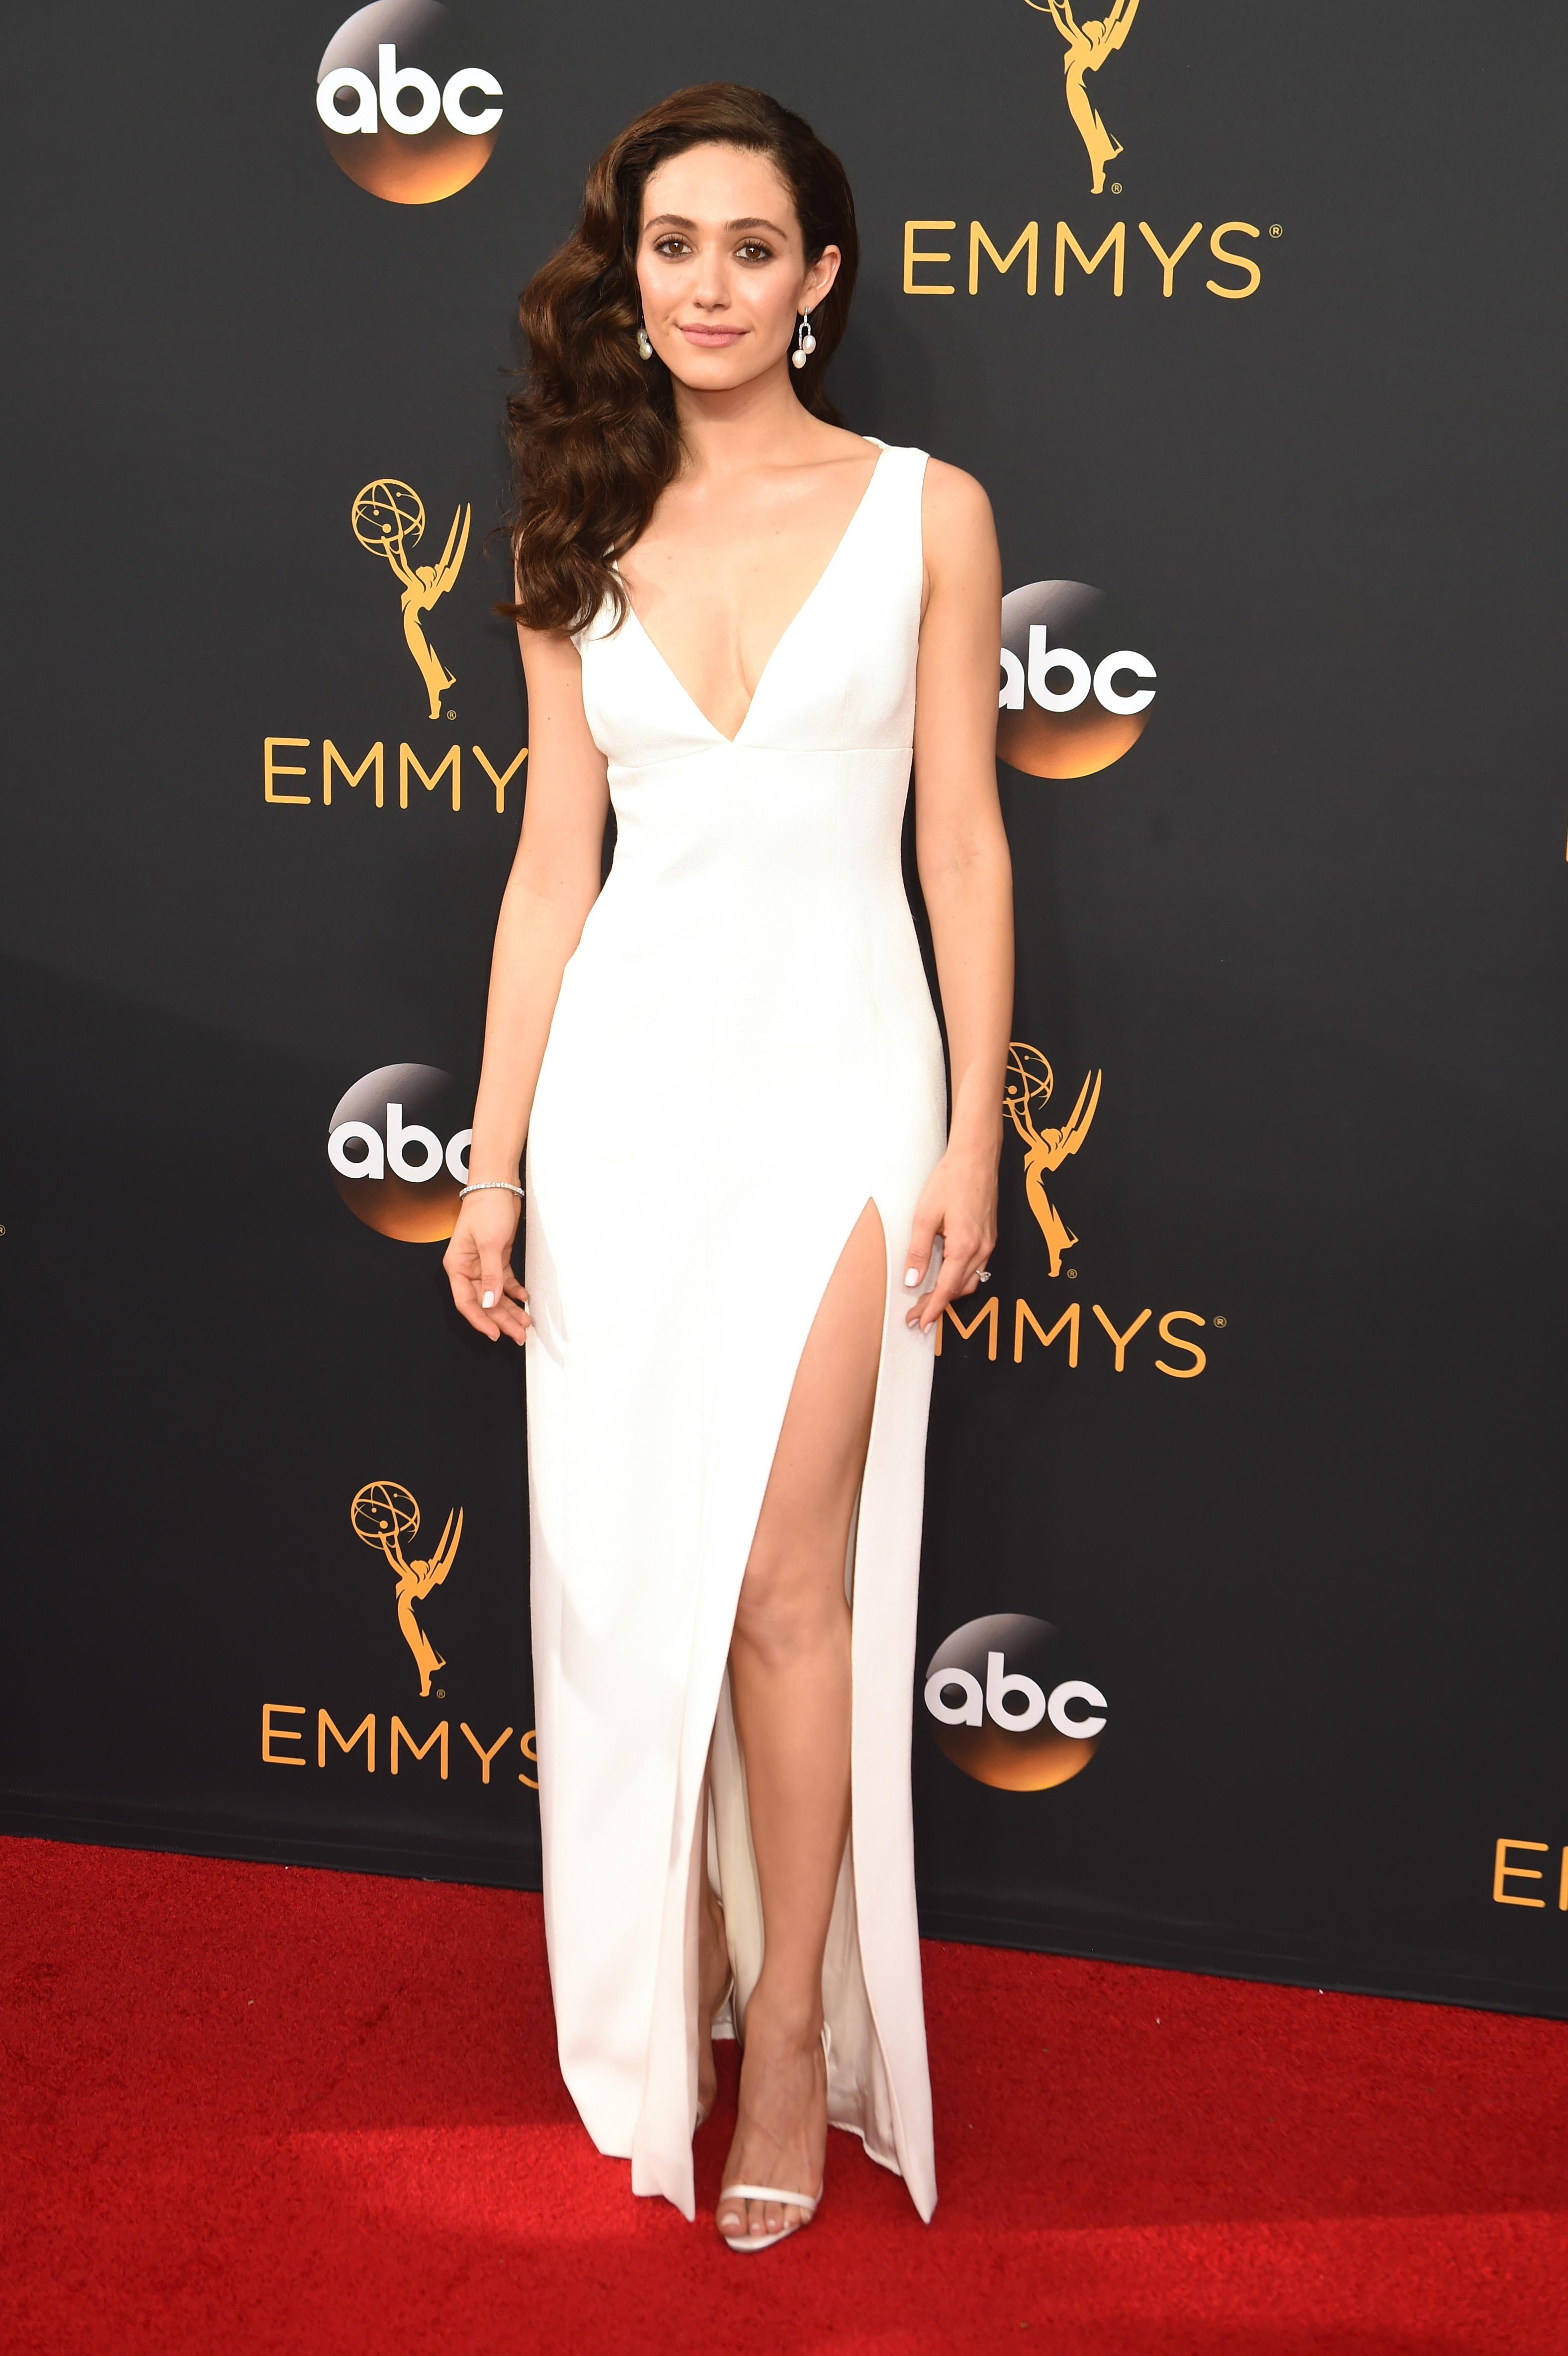 Emmy Rossum Emmy Awards 2016